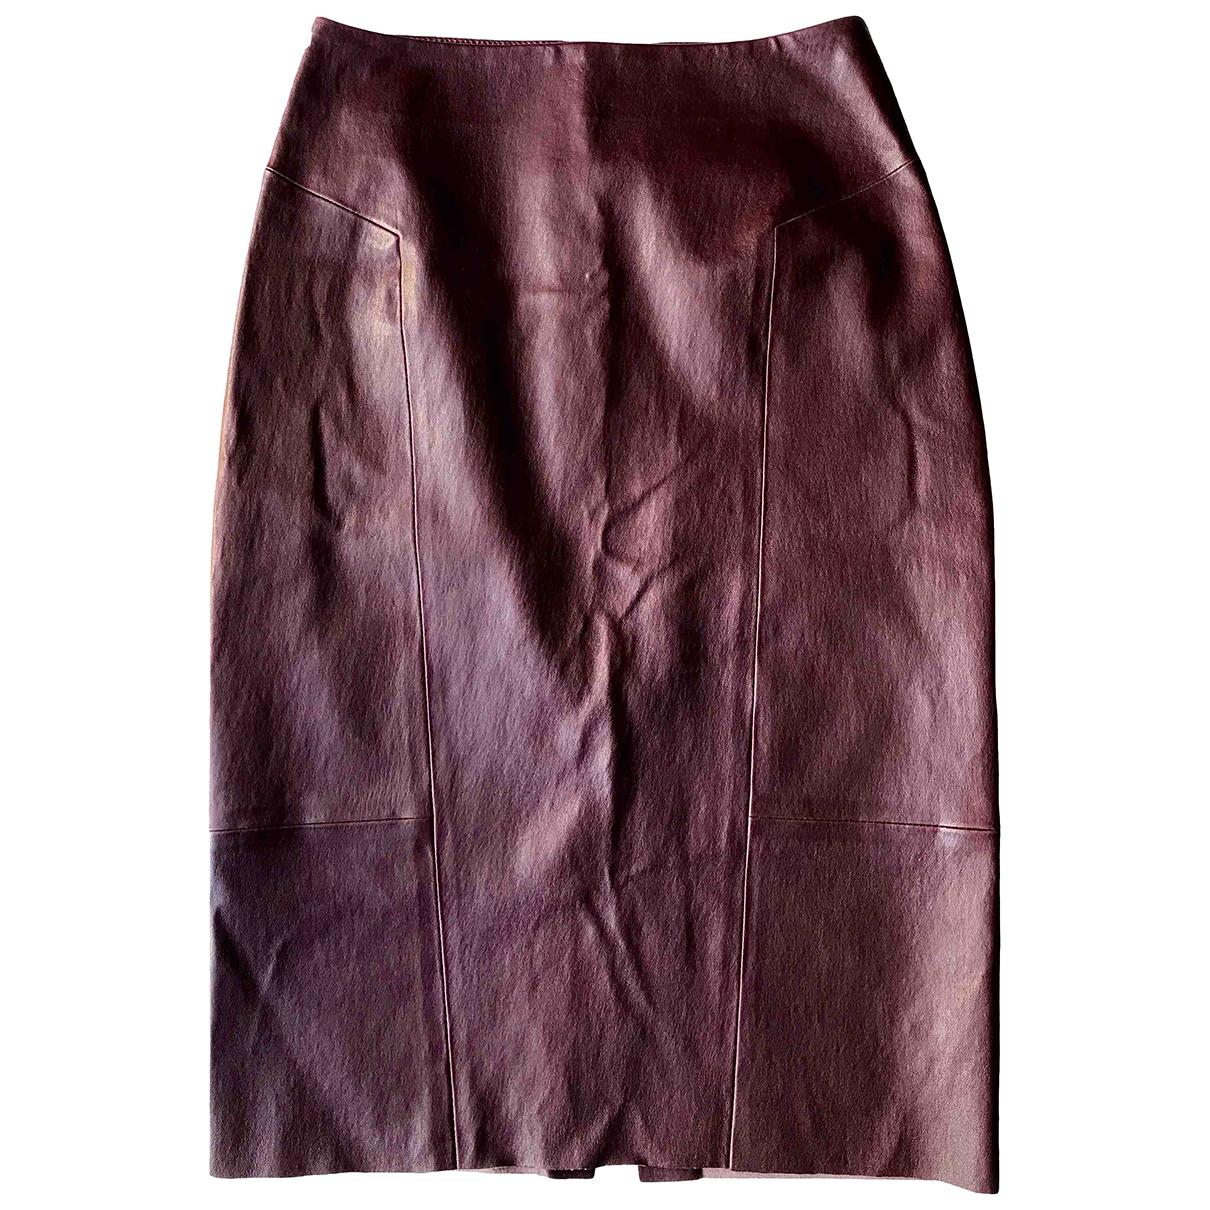 Yves Salomon \N Burgundy Leather skirt for Women 36 FR